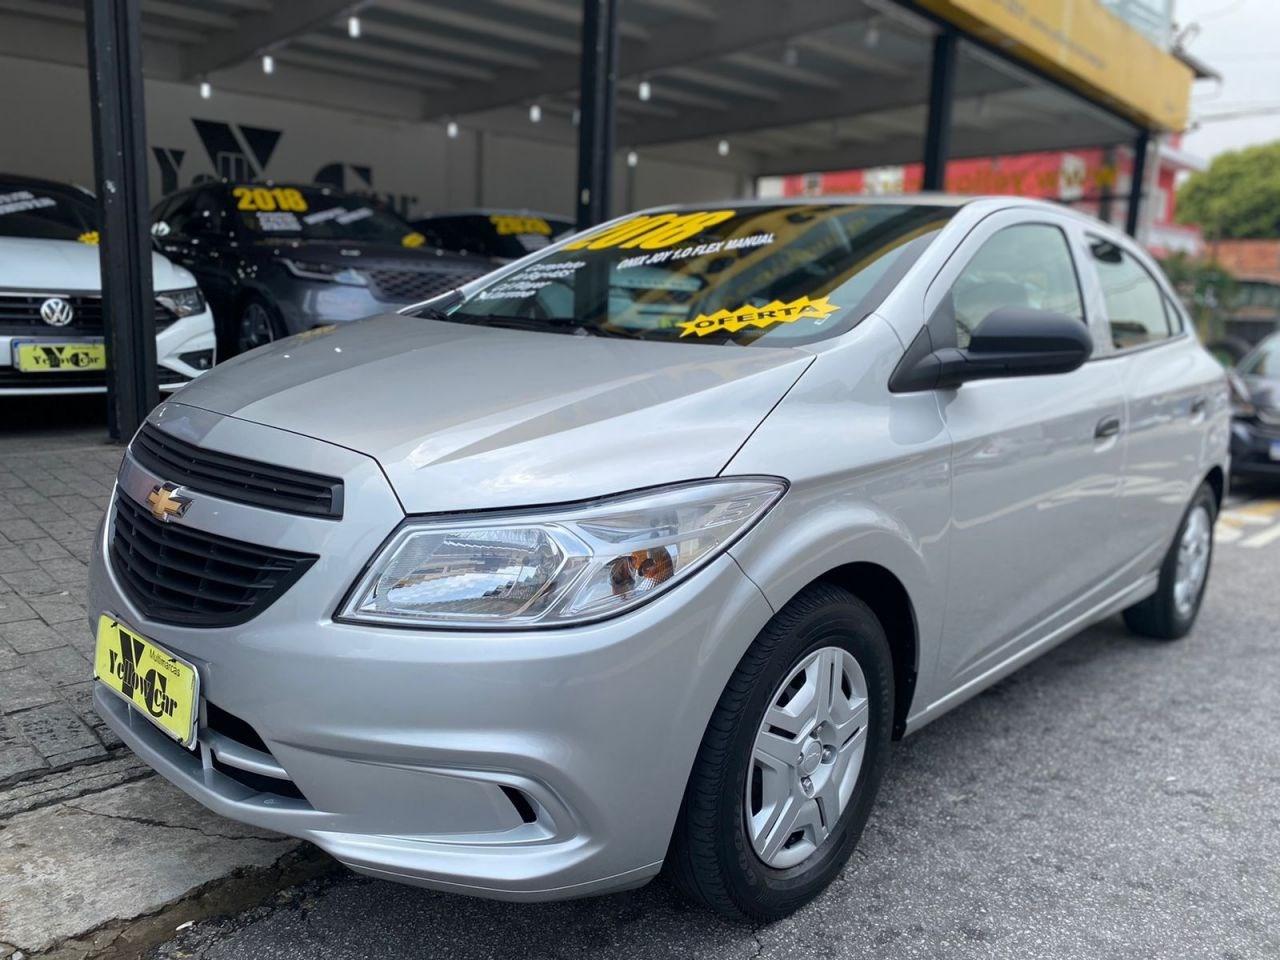 //www.autoline.com.br/carro/chevrolet/onix-10-joy-8v-flex-4p-manual/2018/sao-paulo-sp/14934753